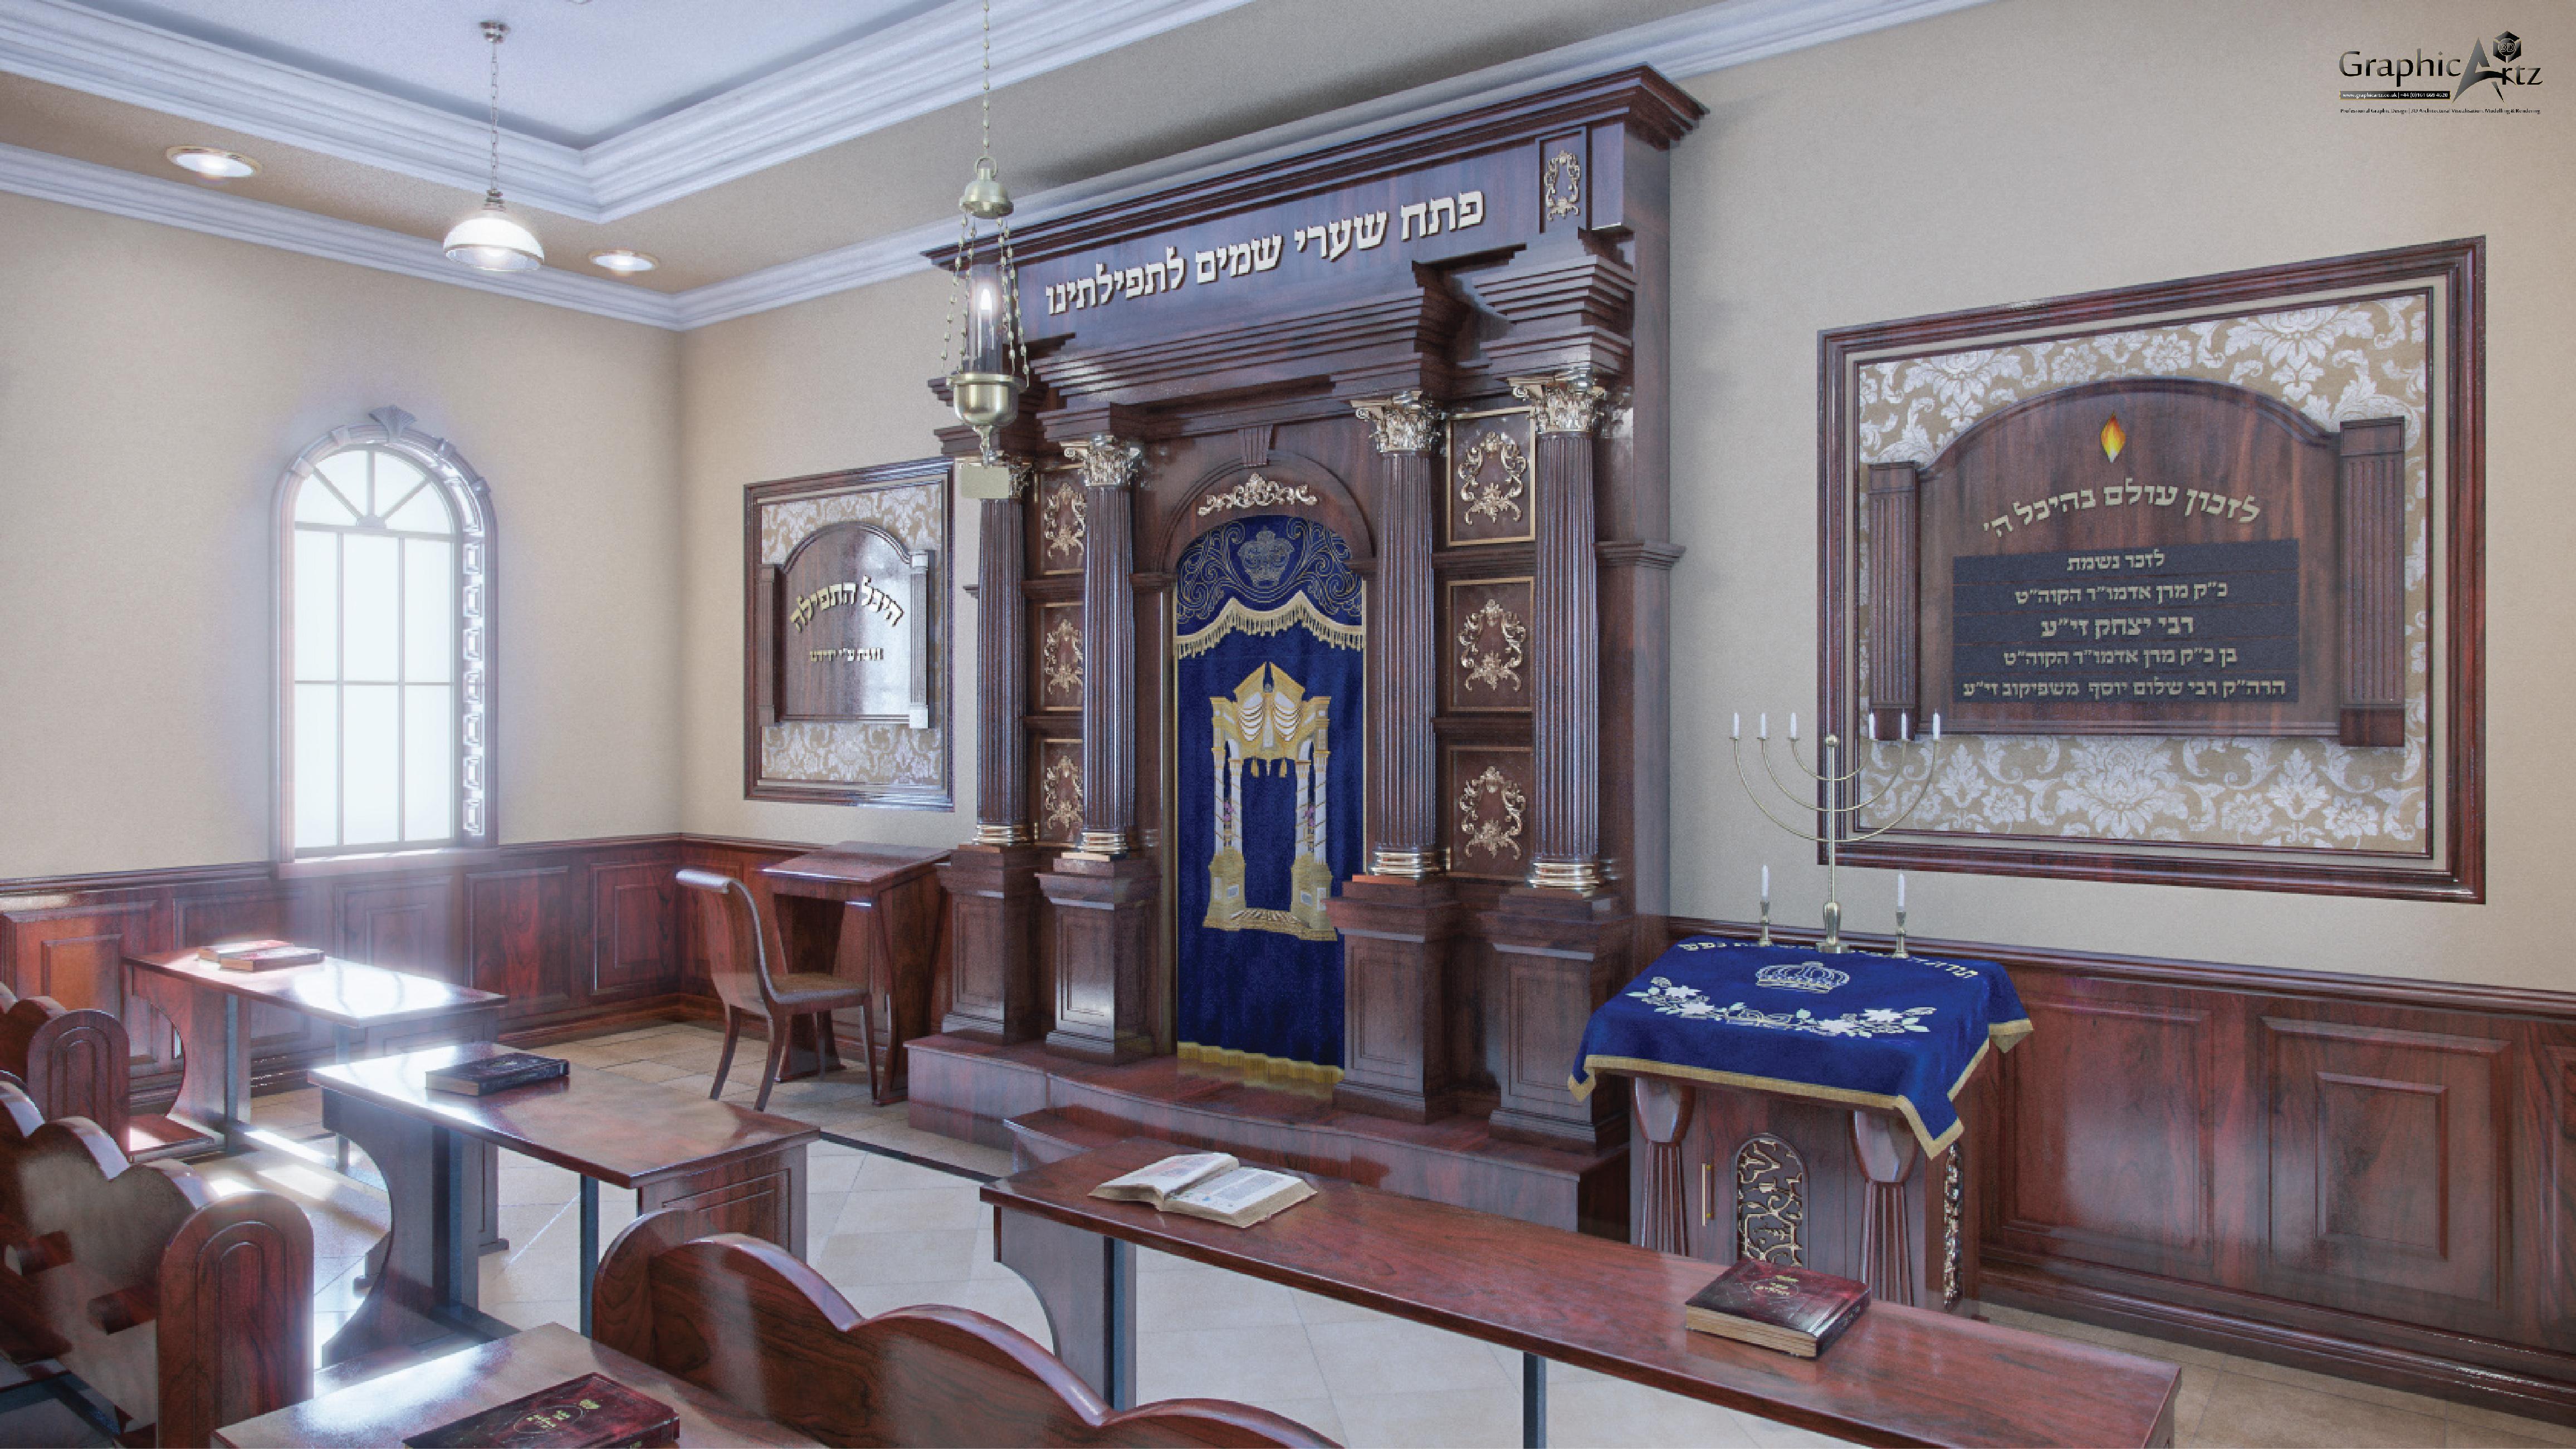 Buhush Beis Hamedrash Interior CGI